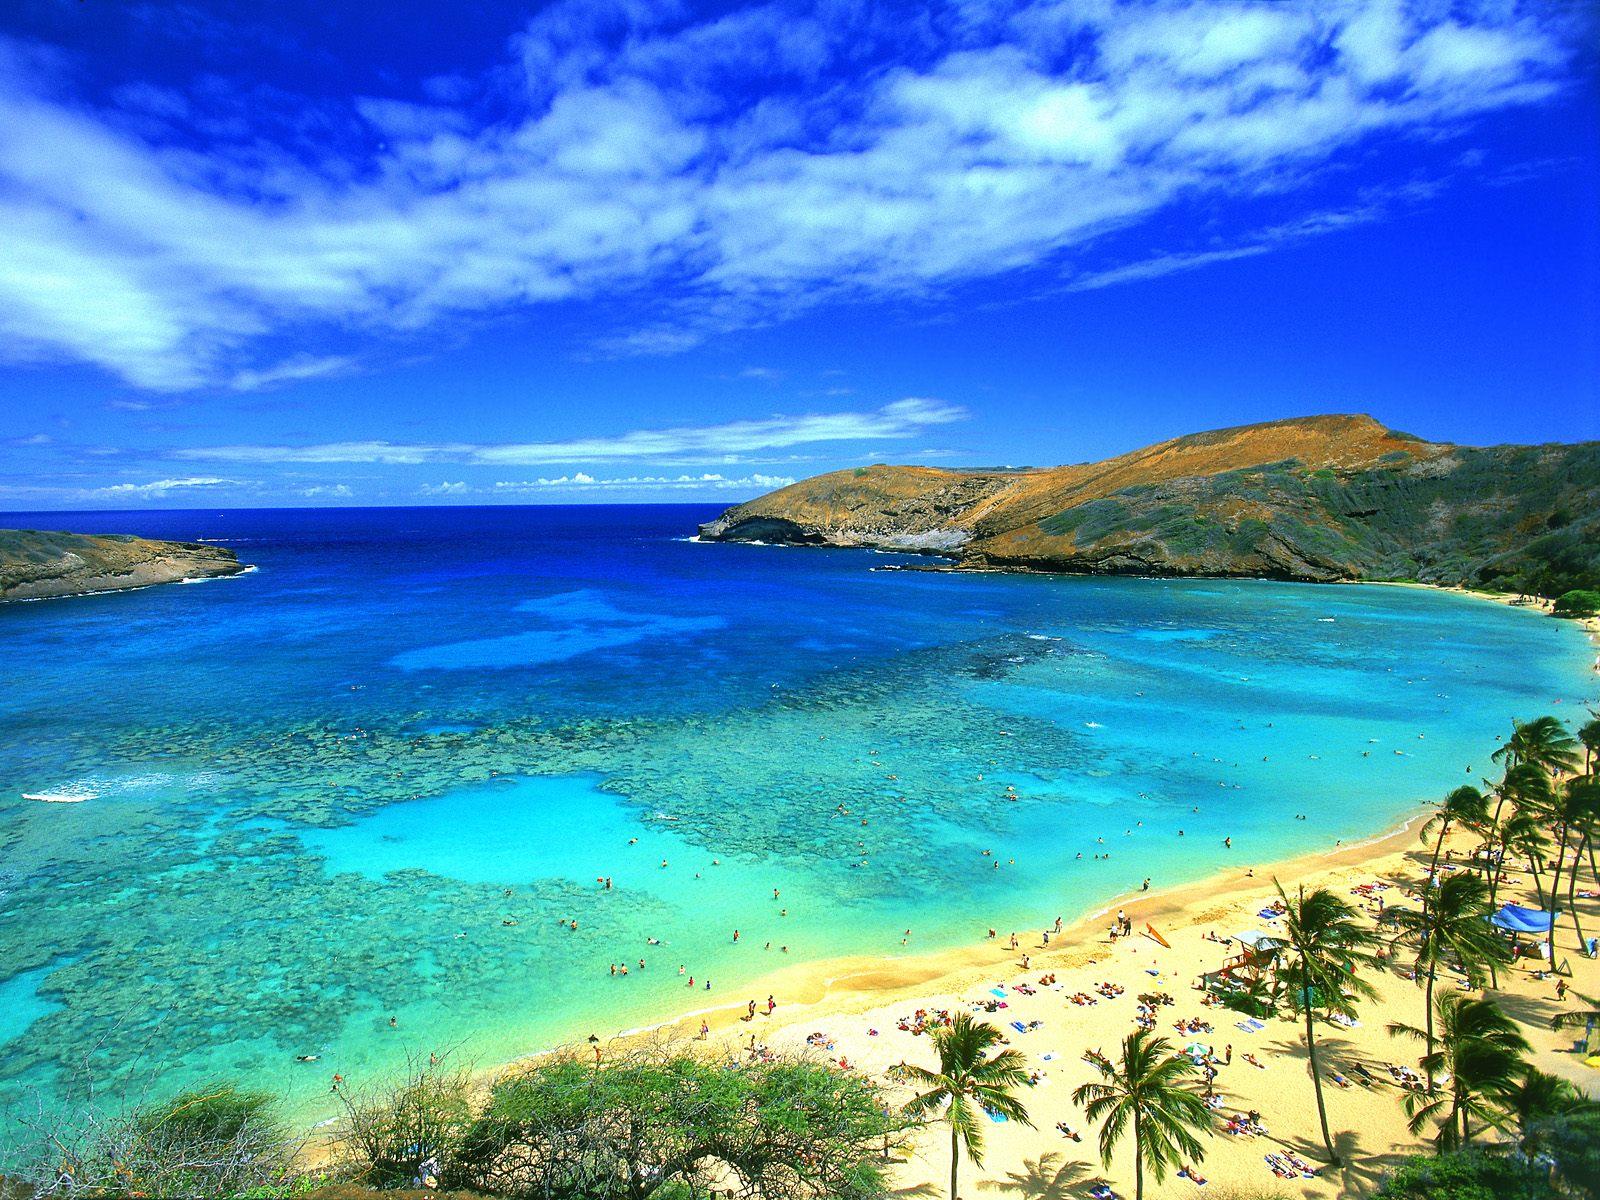 http://4.bp.blogspot.com/-6EbXmP5bli4/TnMFTjvzvvI/AAAAAAAANFg/37ySVeYmrMk/s1600/Hanauma-Bay-Oahu-Hawaii-veranoo.jpg